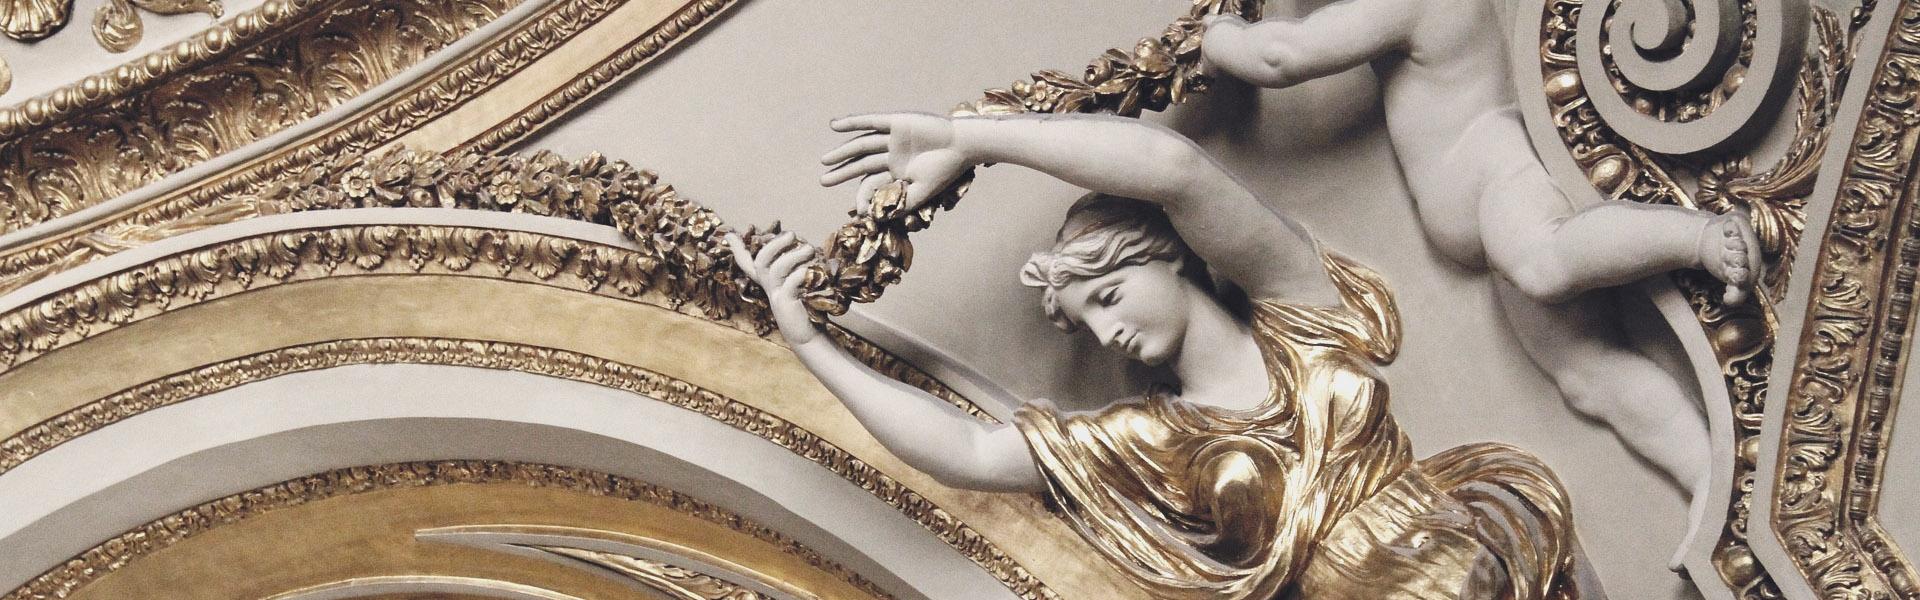 Bas Relief Sculptures